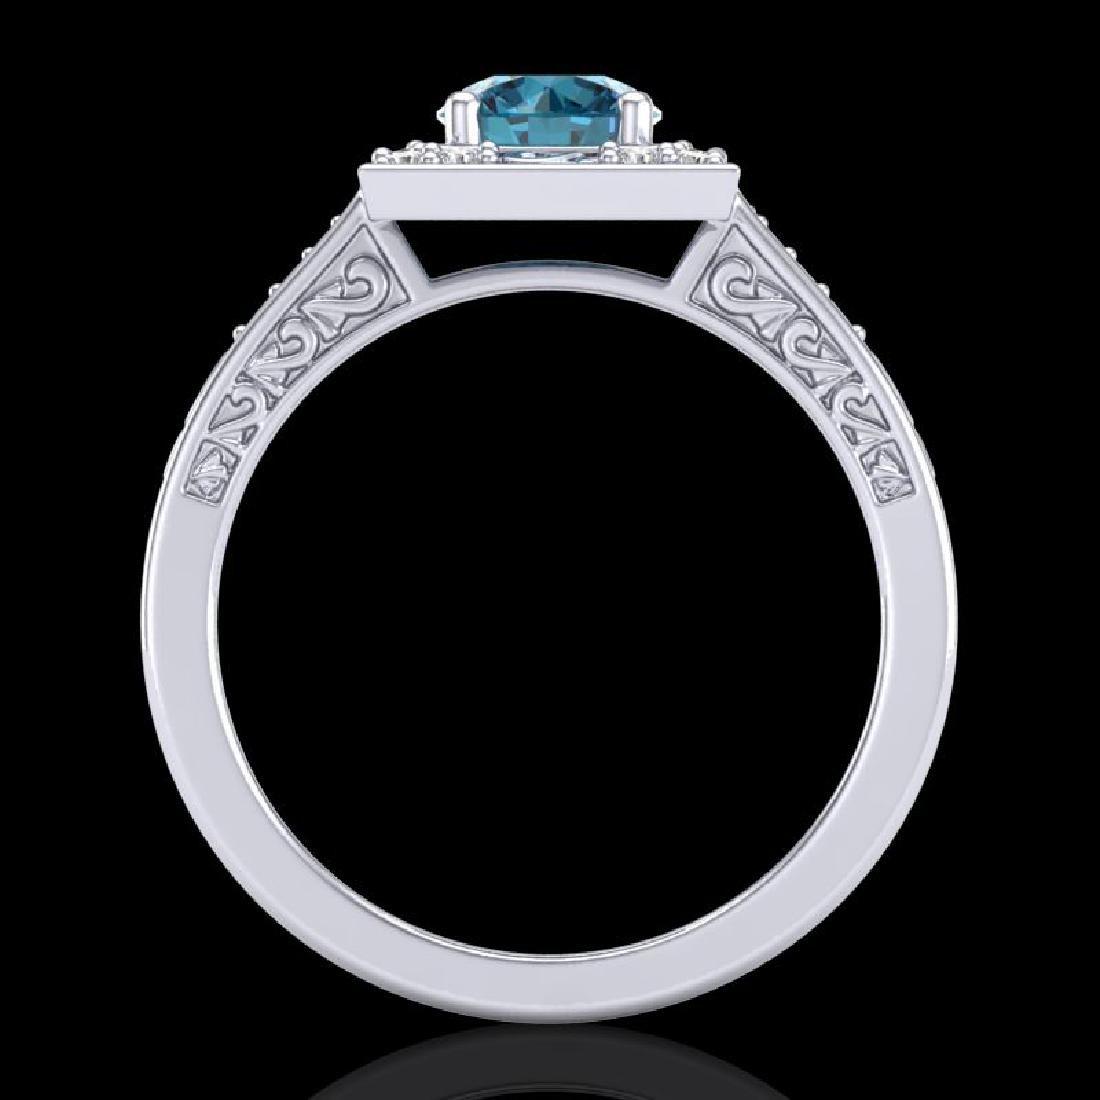 1.1 CTW Intense Blue Diamond Solitaire Engagement Art - 3